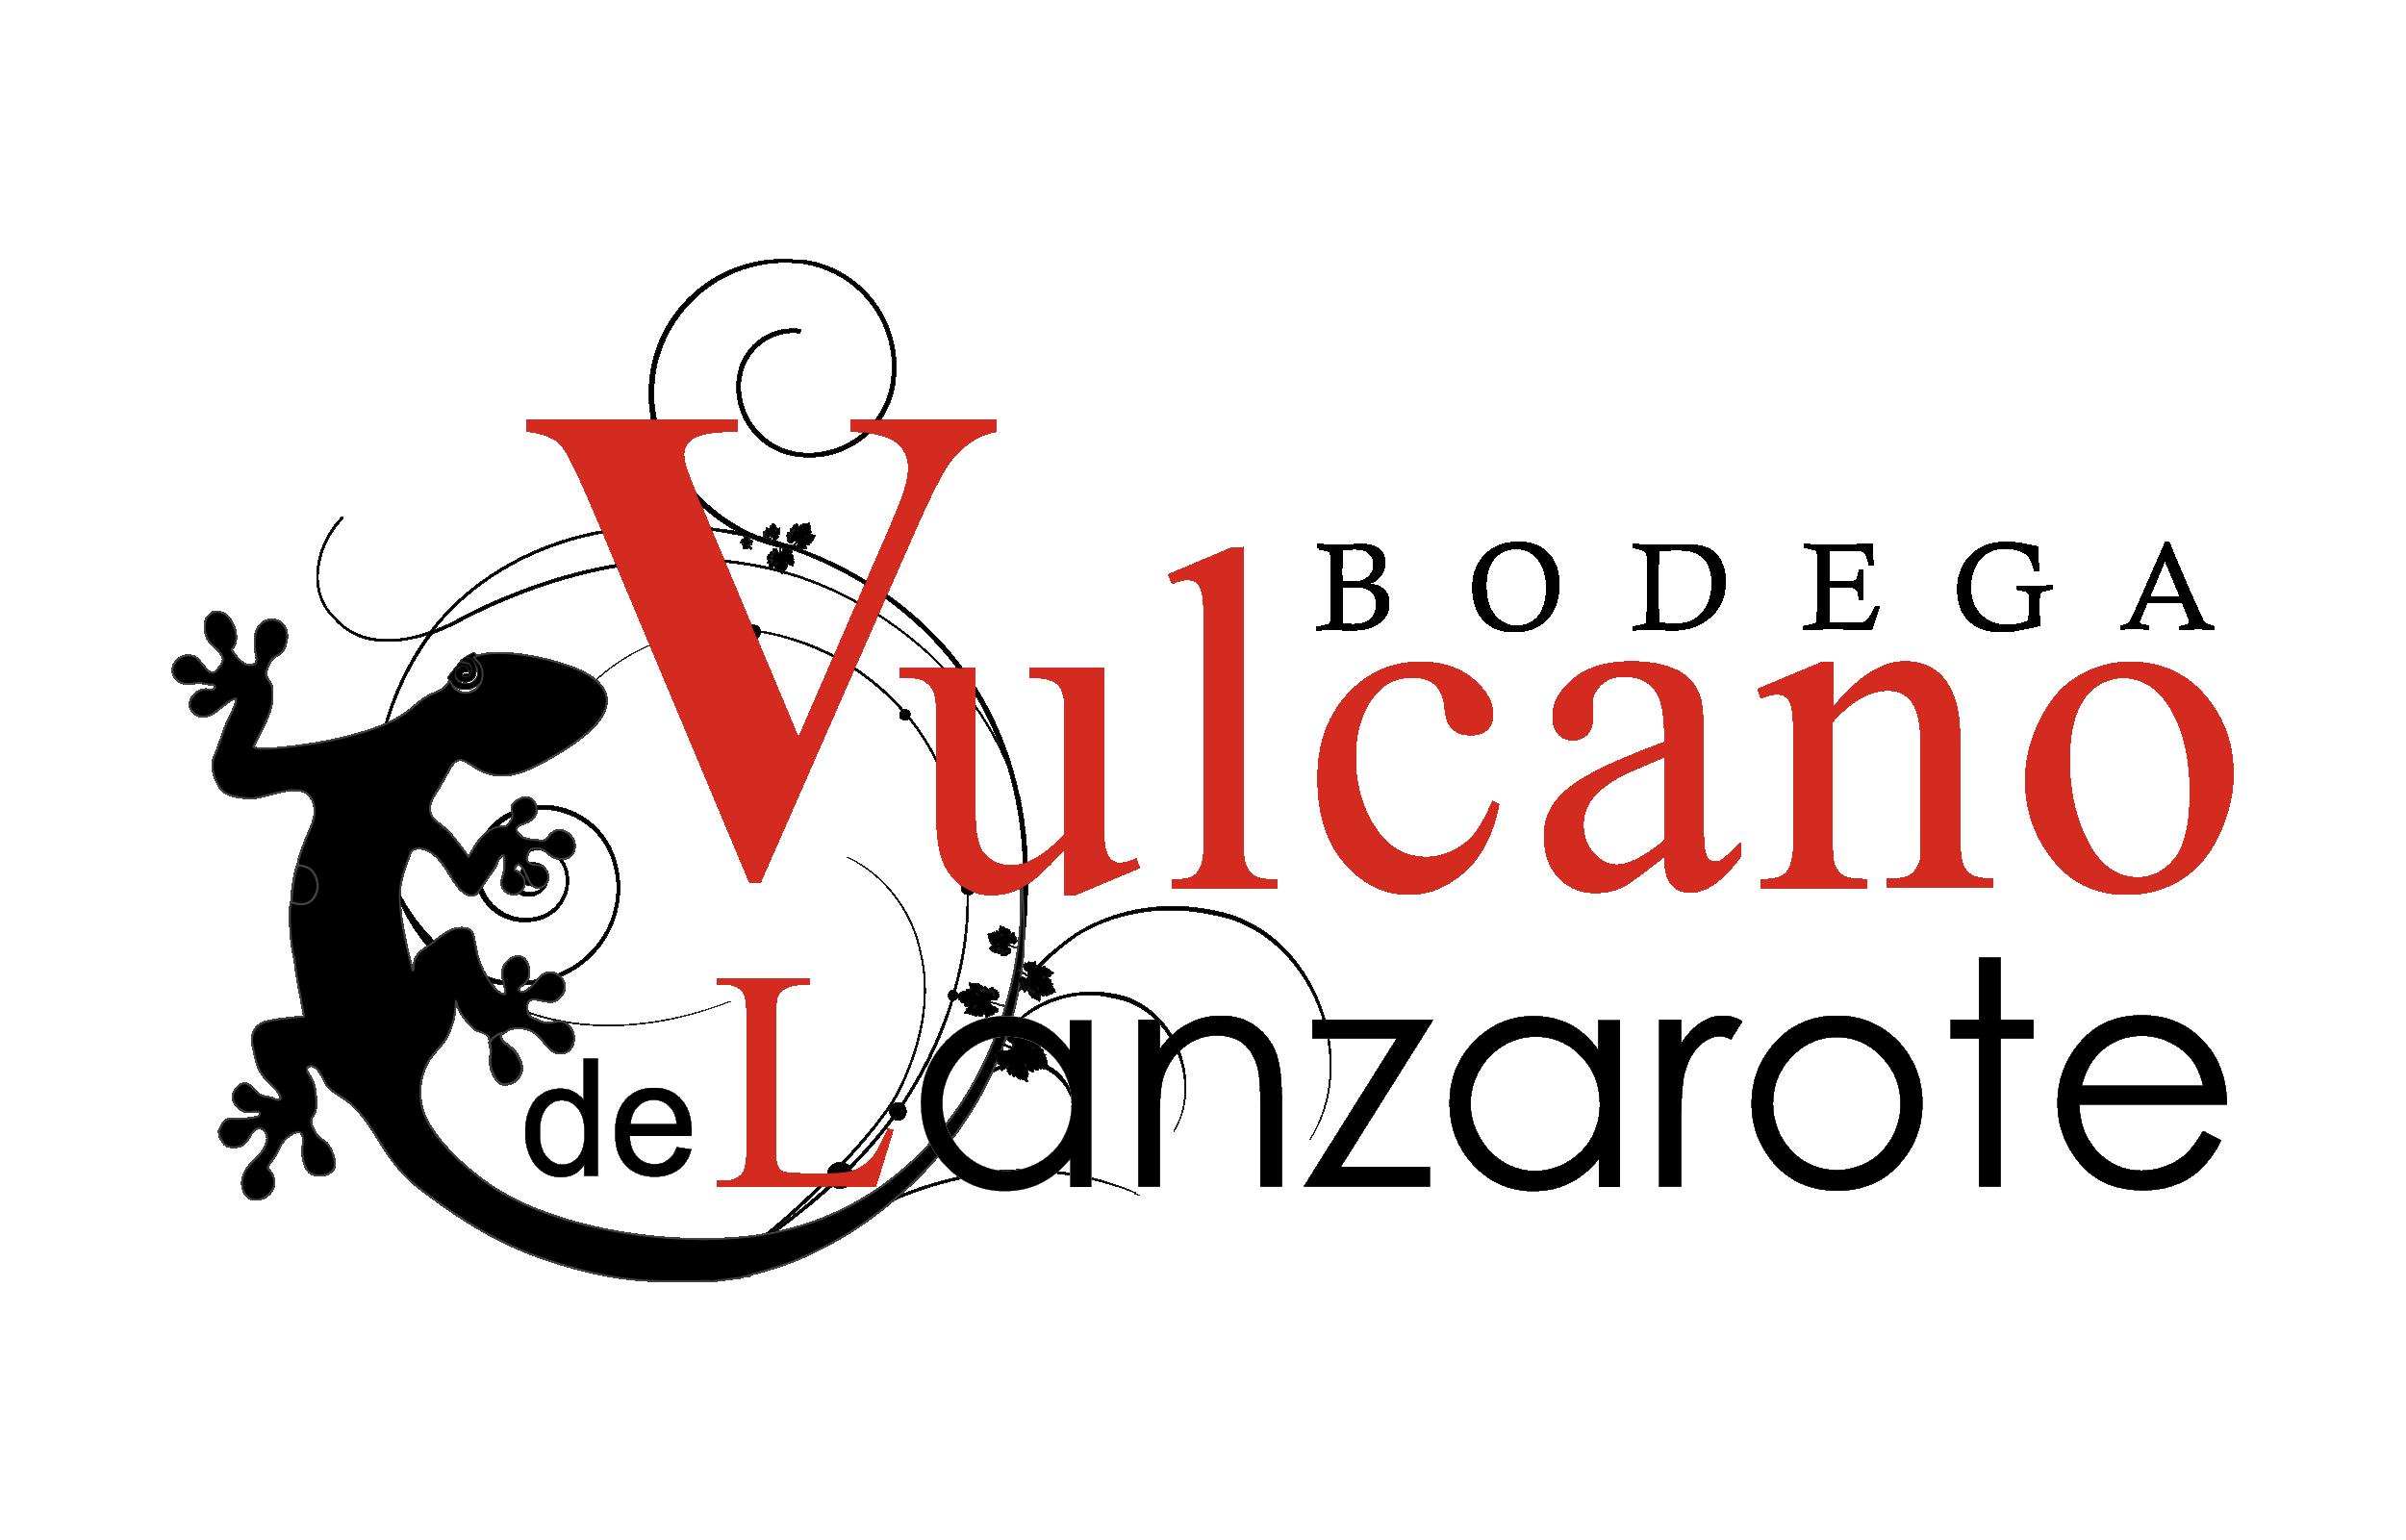 Bodega Vulcano de Lanzarote - Tienda Canarias